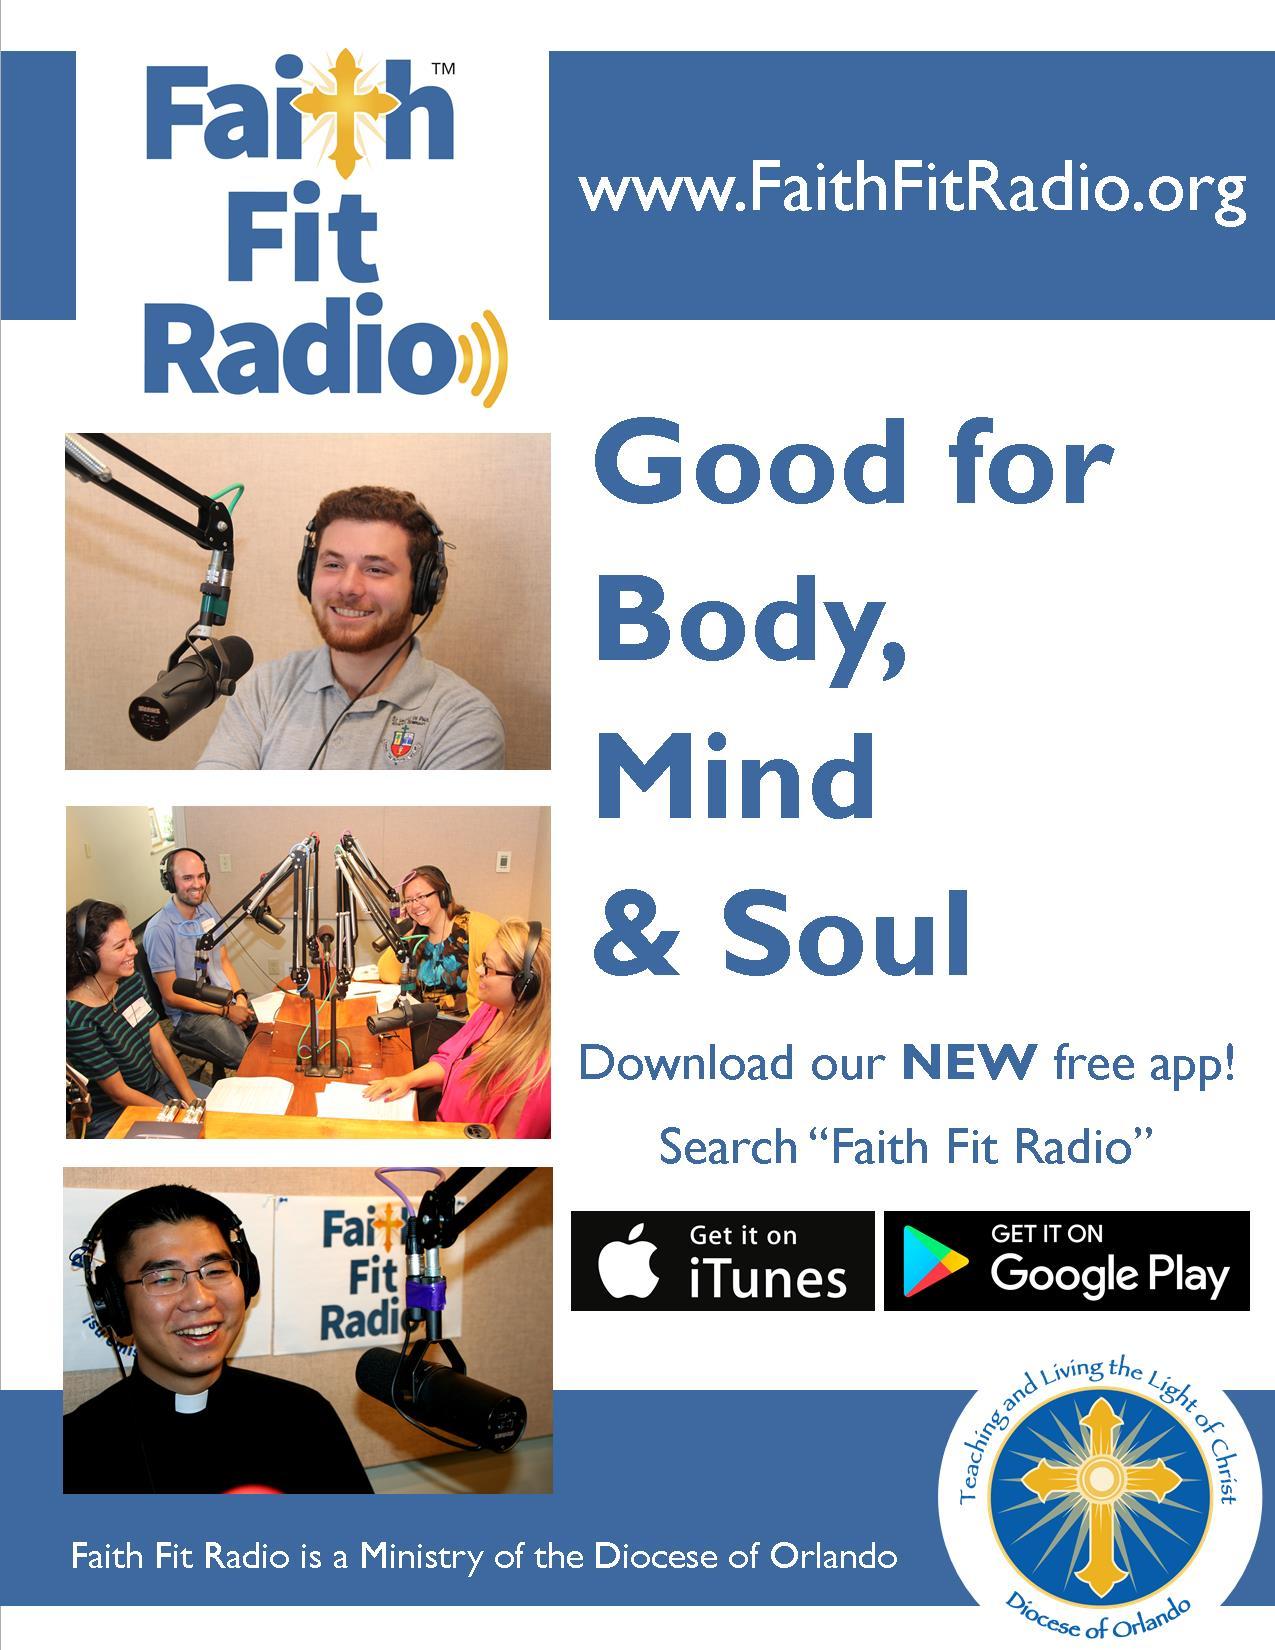 faith-fit-radio-app-flyer